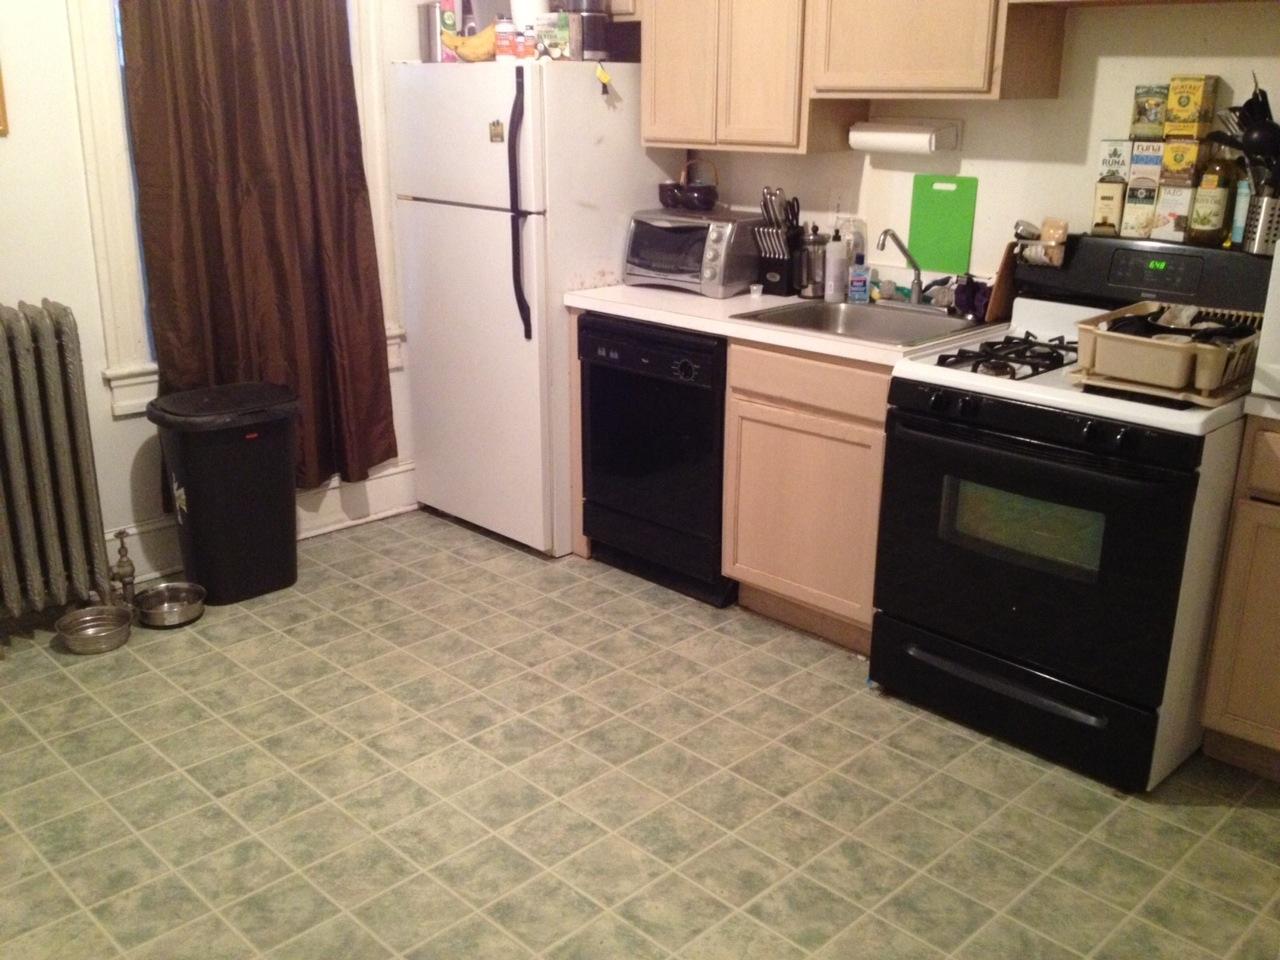 2719 kitchen 5.jpg